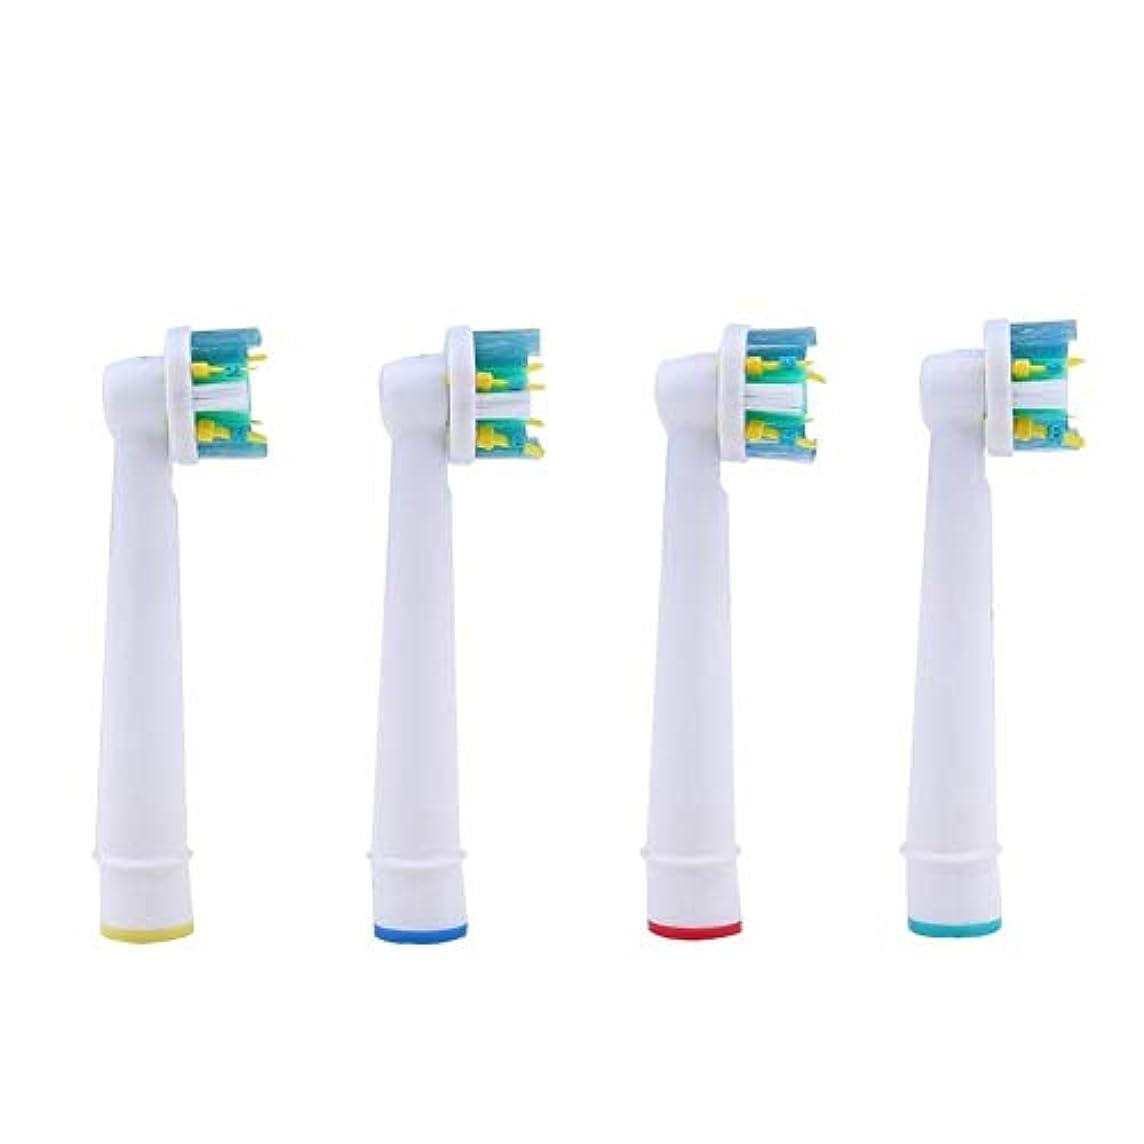 ダッシュ呼び出す契約したOral-B電動歯ブラシ 歯ブラシヘッド交換 交換用ブラウン マルチアクションブラシ OralB FLOSS ACTIONのために適した 汎用互換品 4本/セット